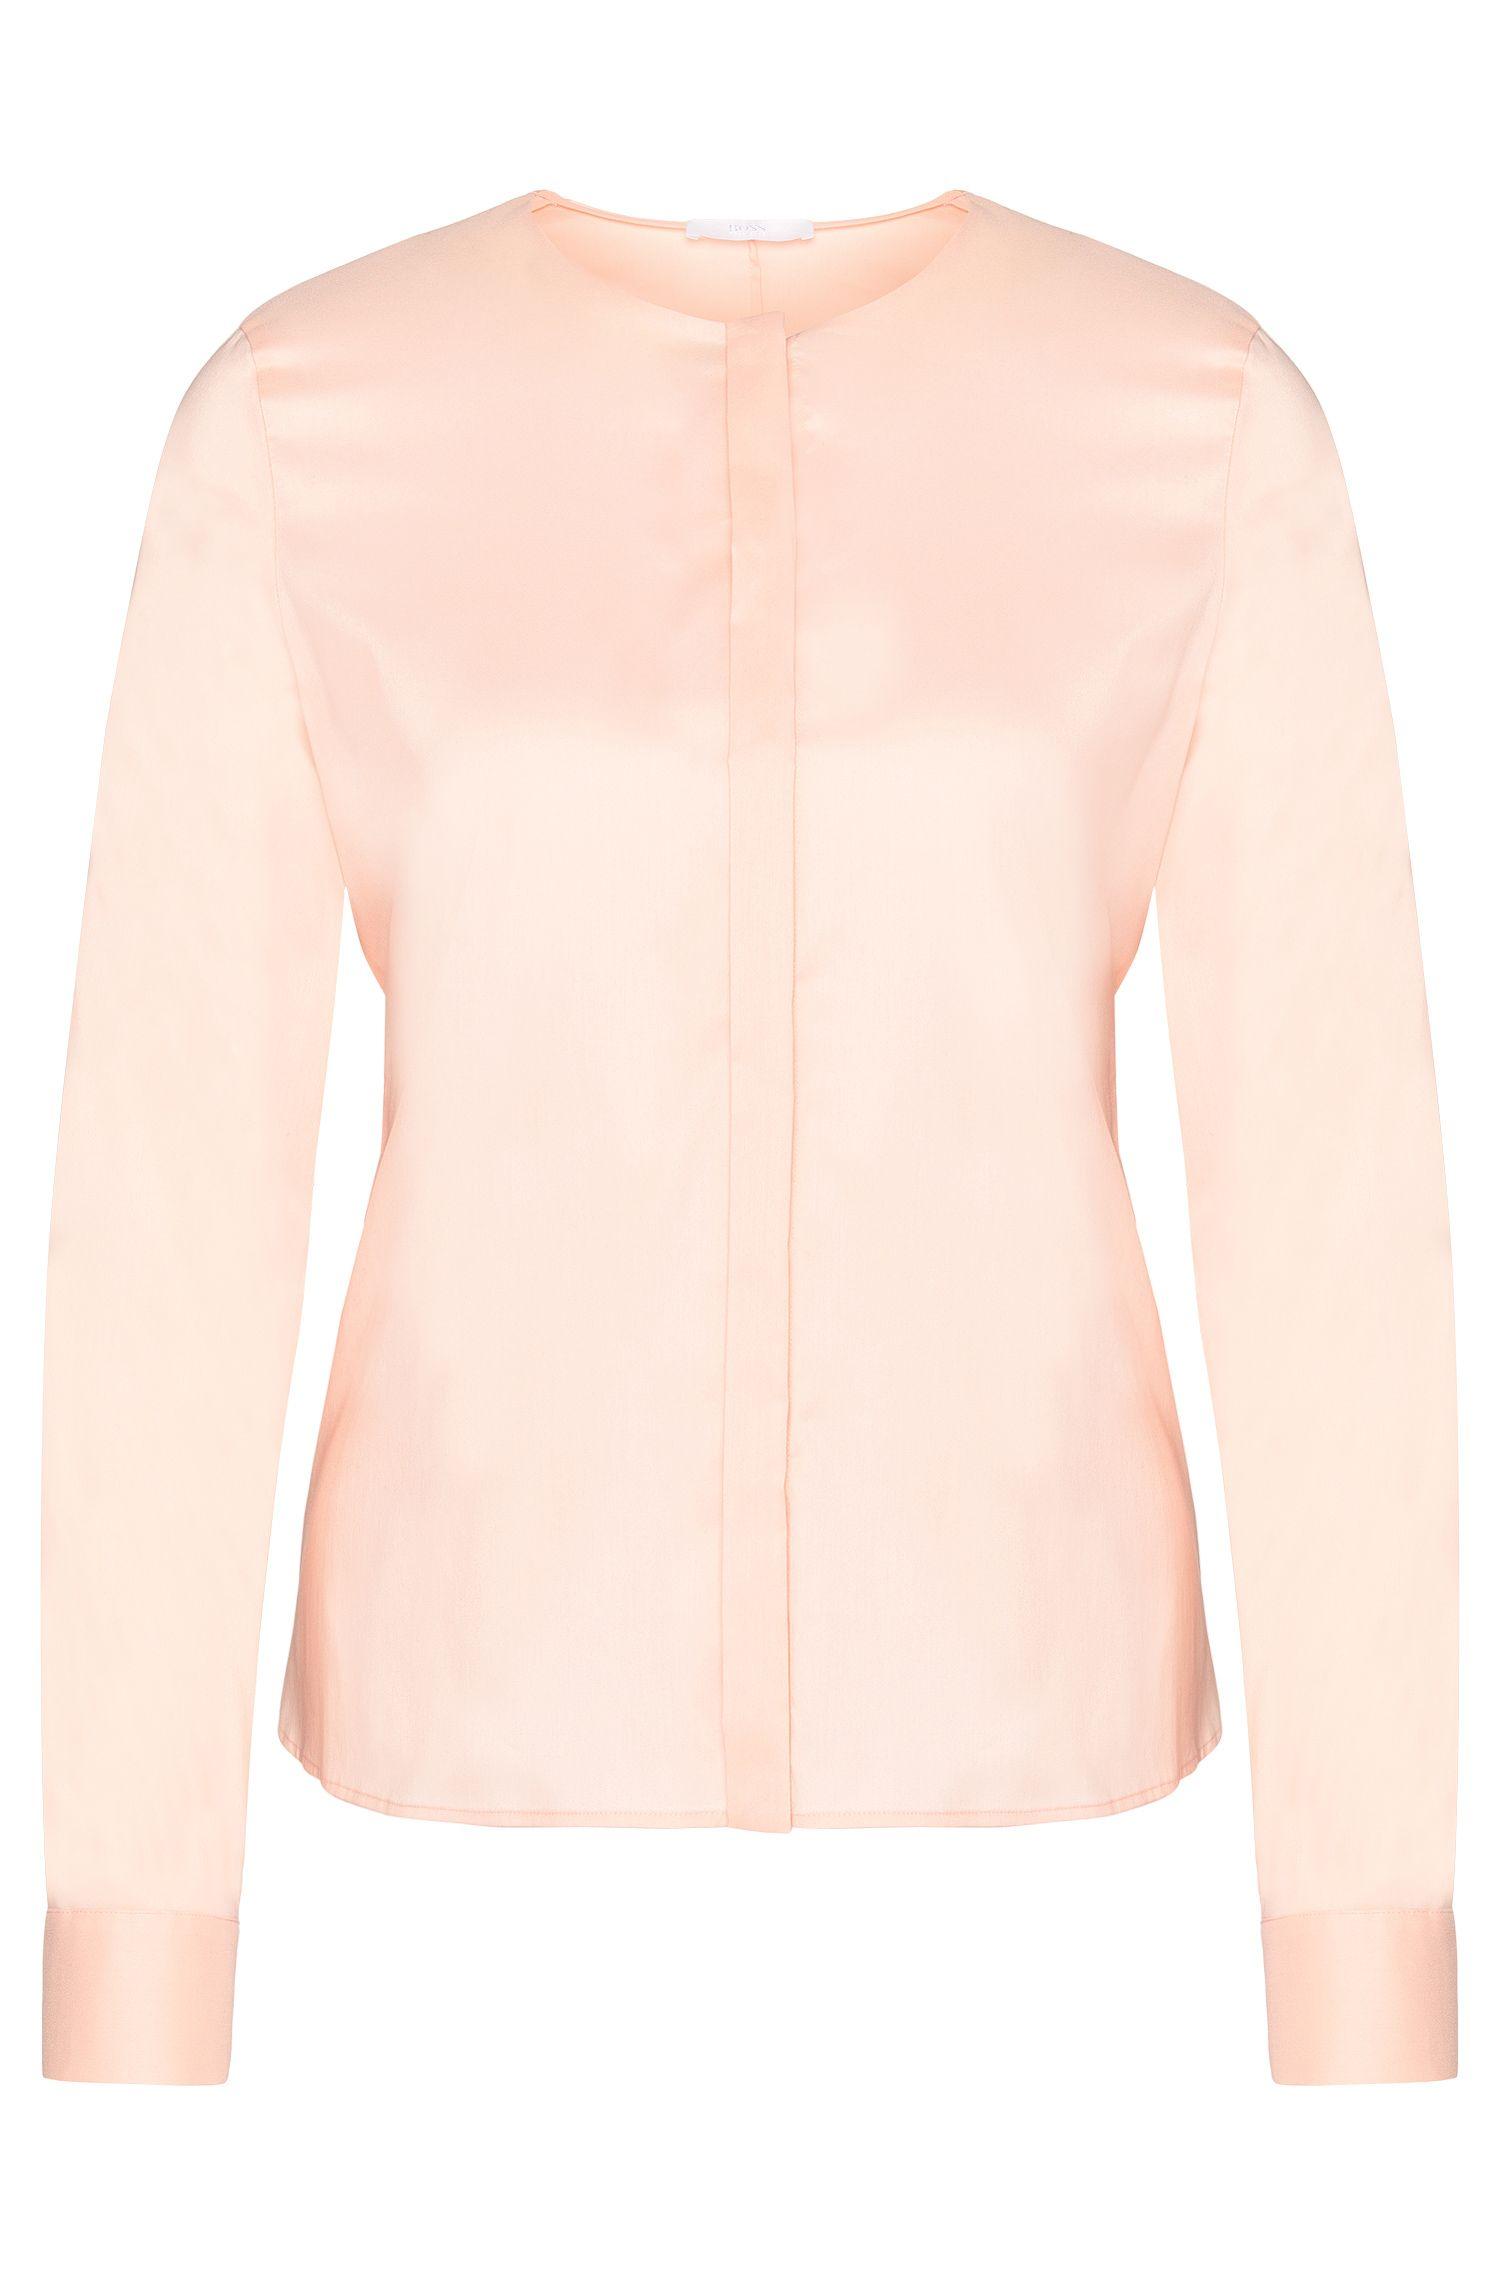 Cotton Blend Blend Tie Waist Blouse | Binana